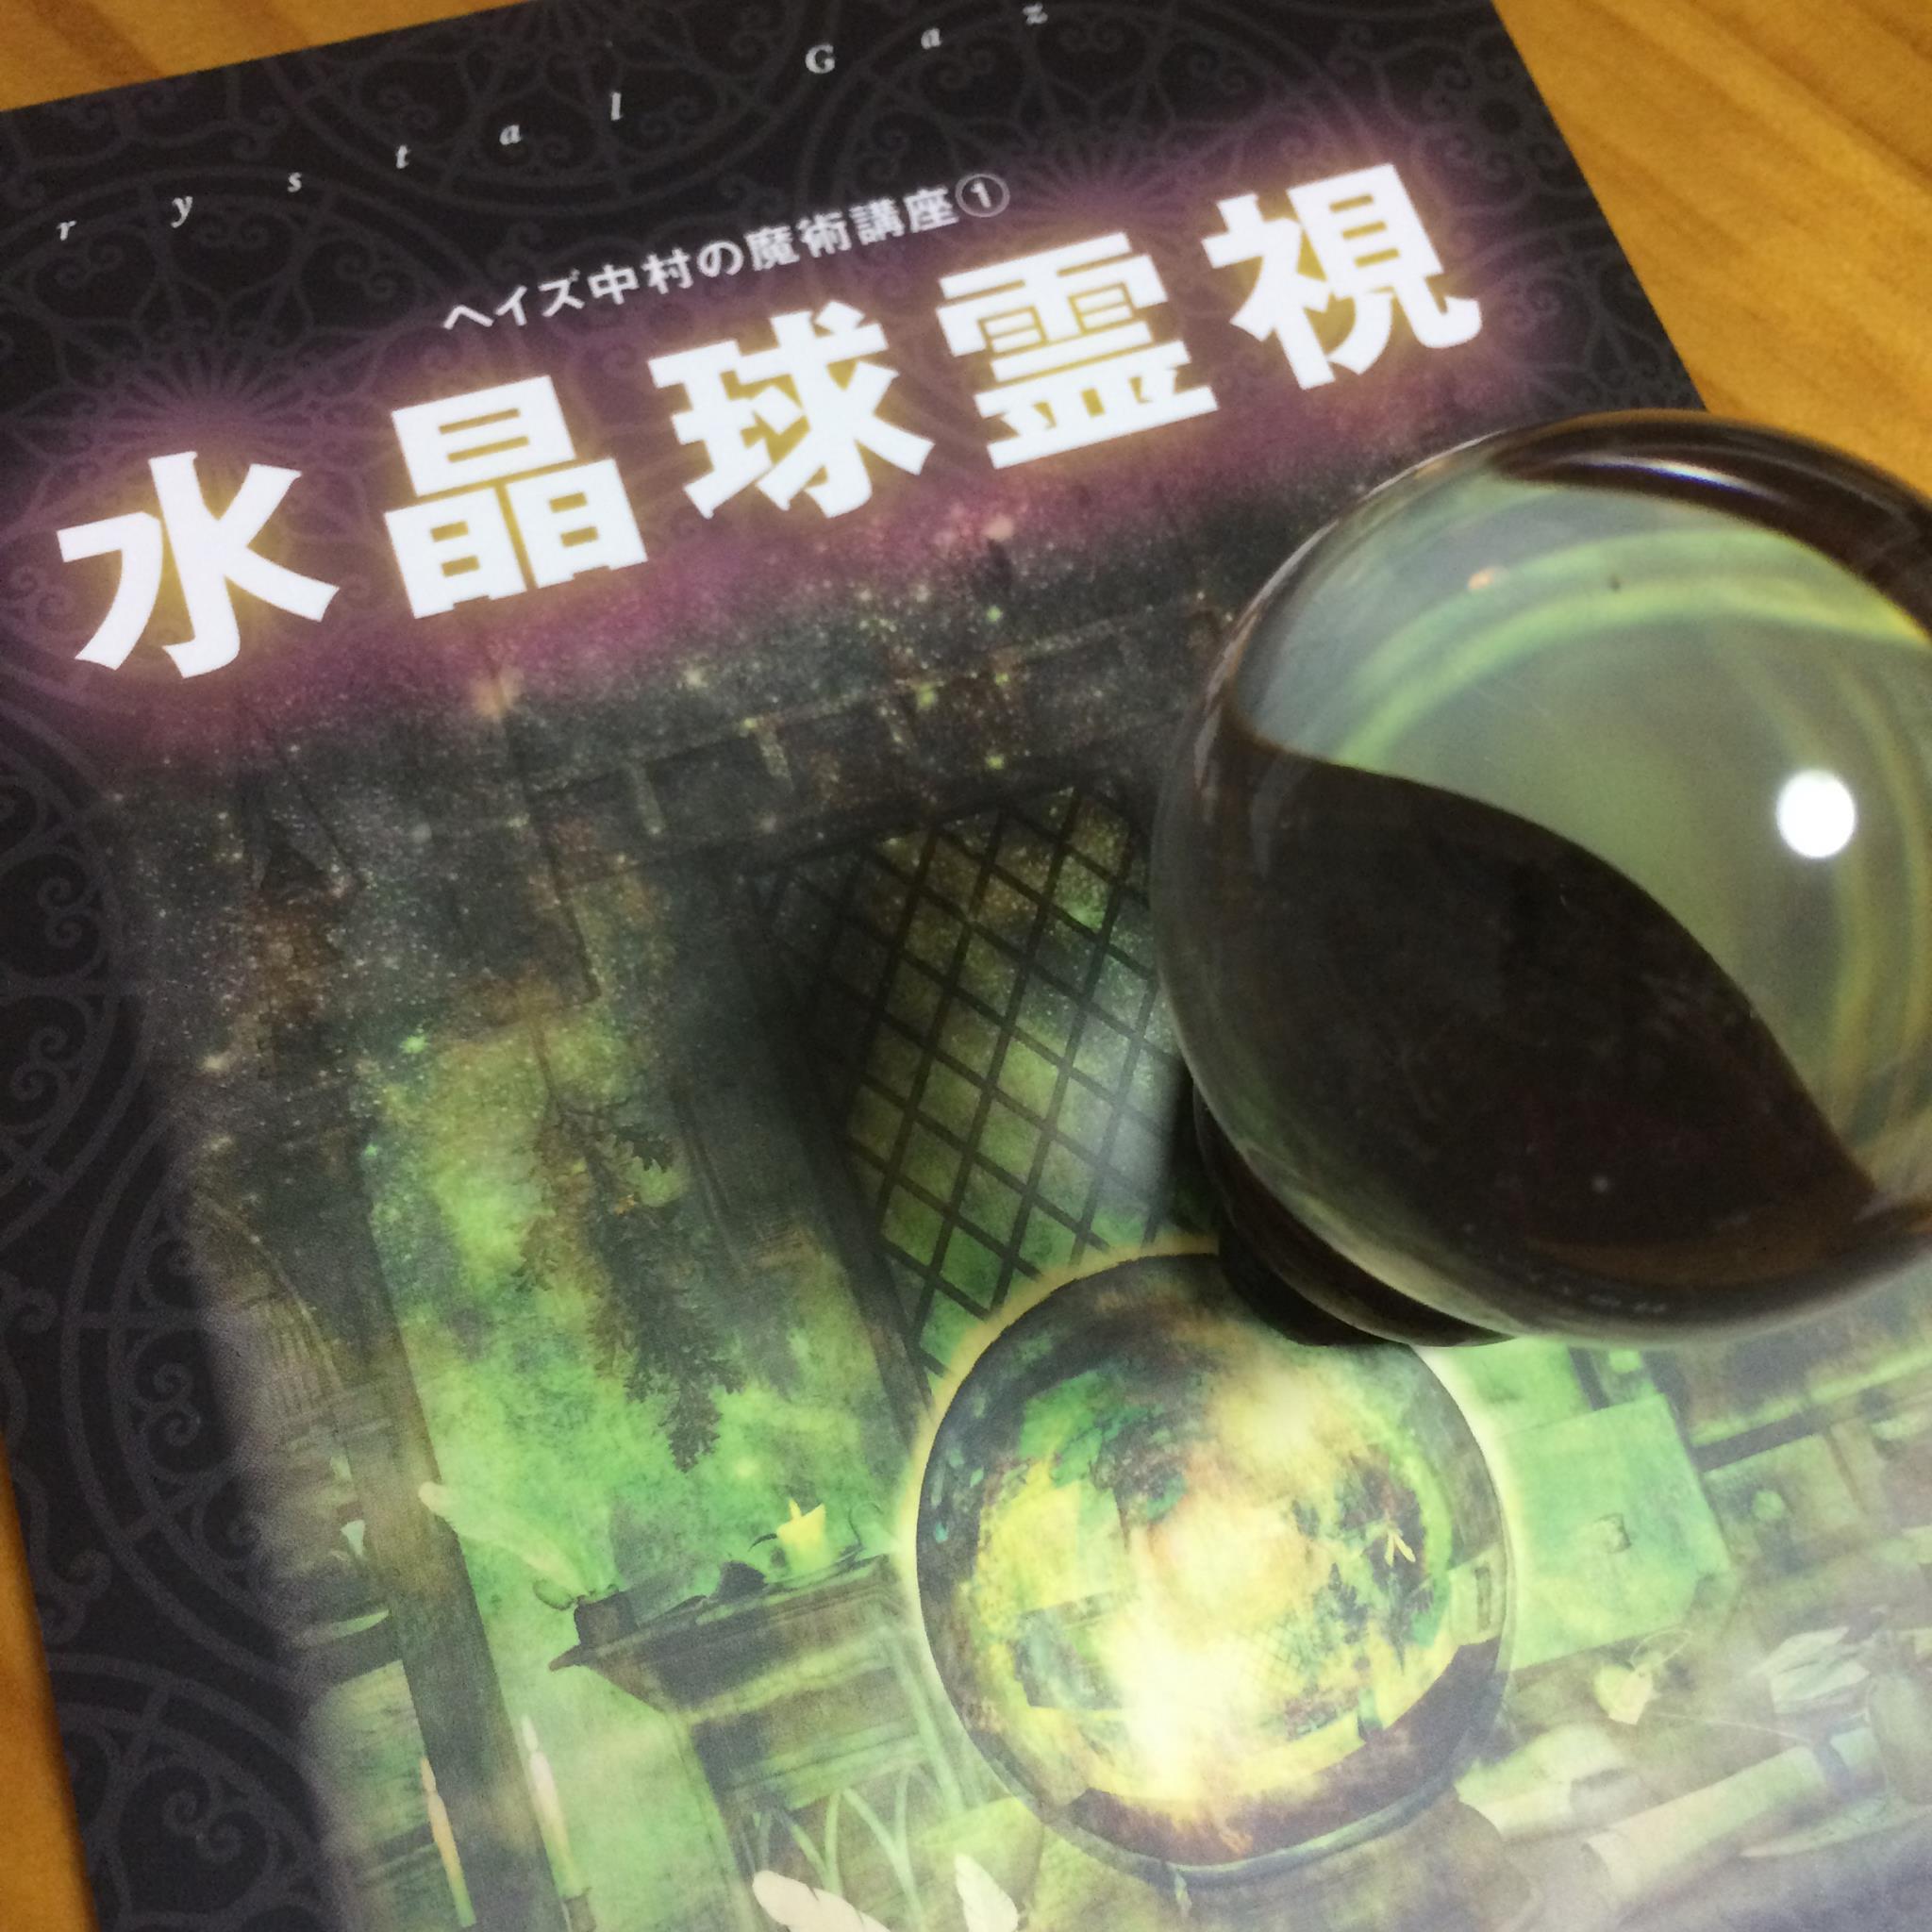 冊子『水晶球霊視』と水晶球のセット[レターパック送料無料]